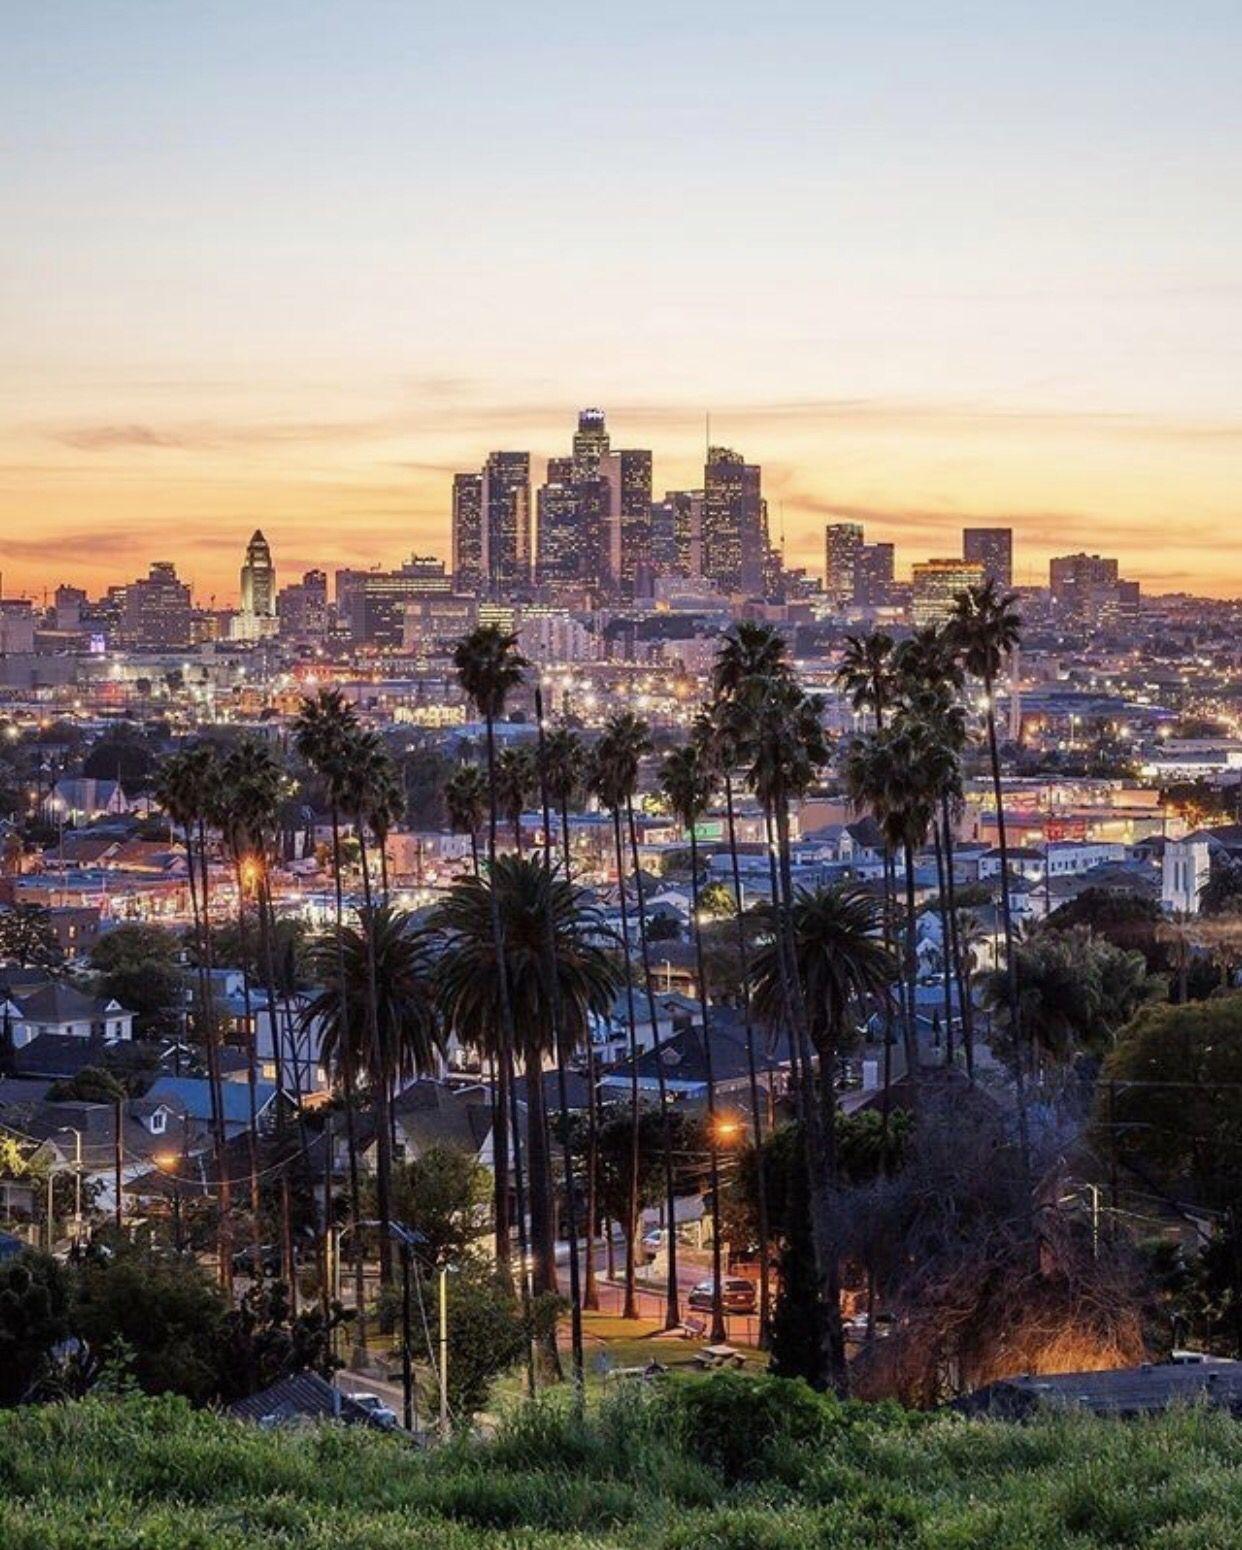 начинай лос анджелес о городе с картинками правило, данное явление